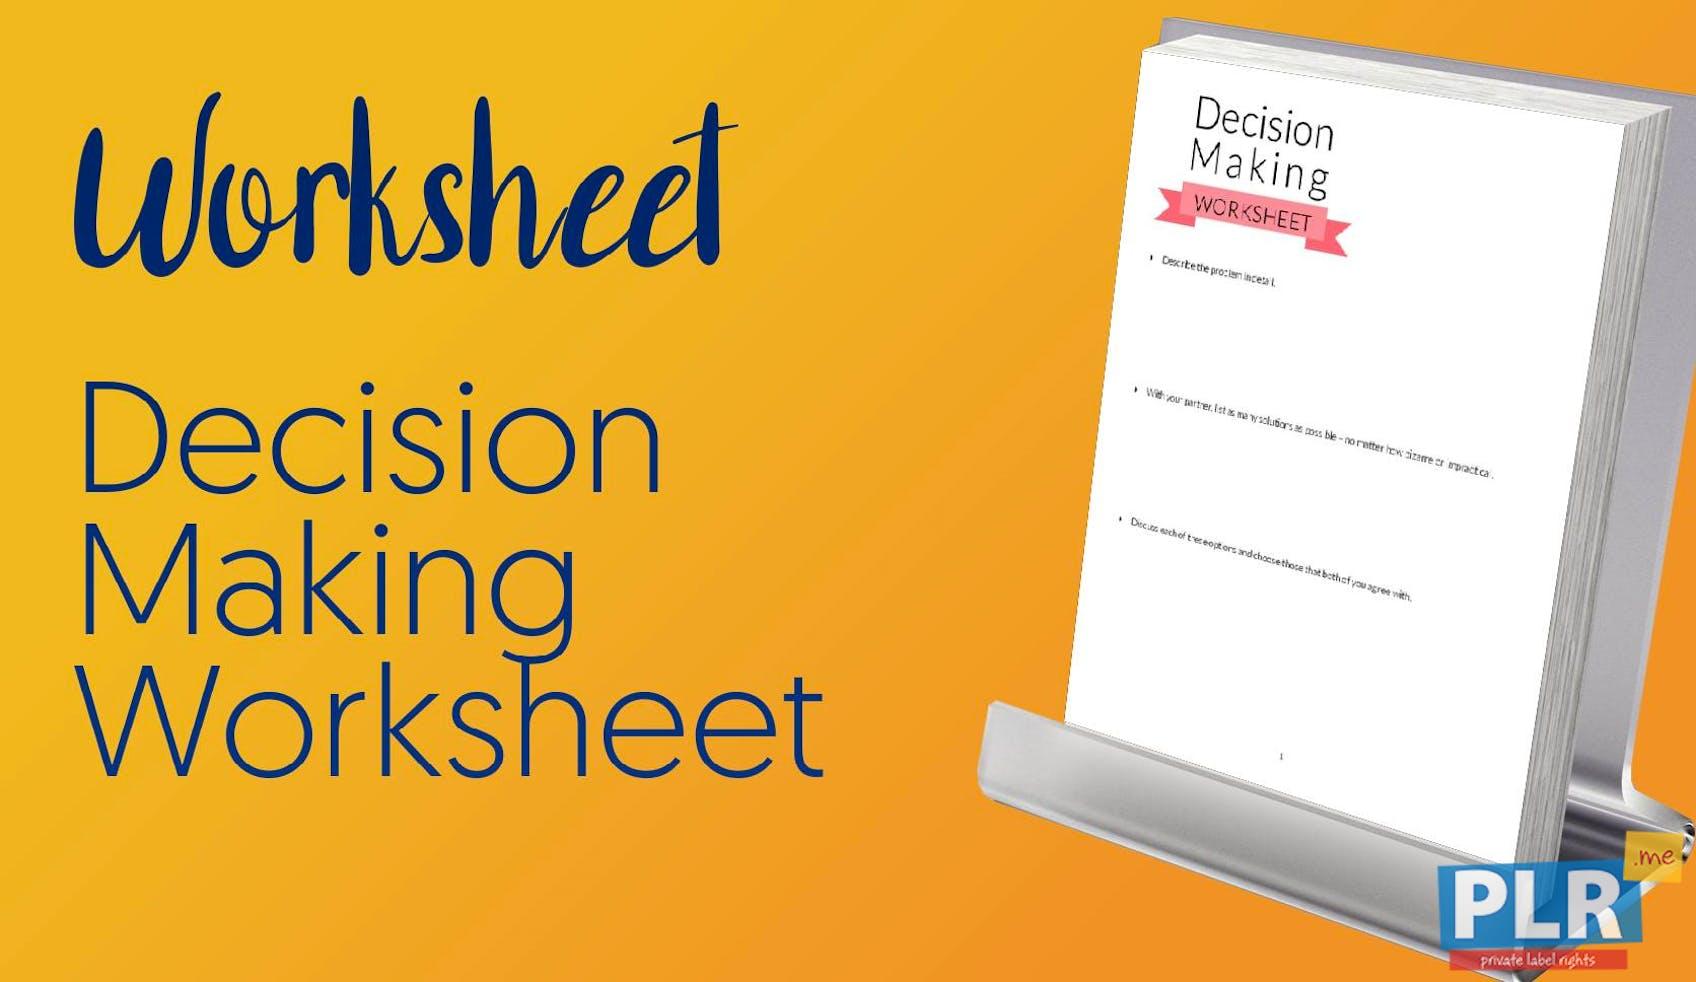 PLR Worksheets - Decision Making Worksheet - PLR.me